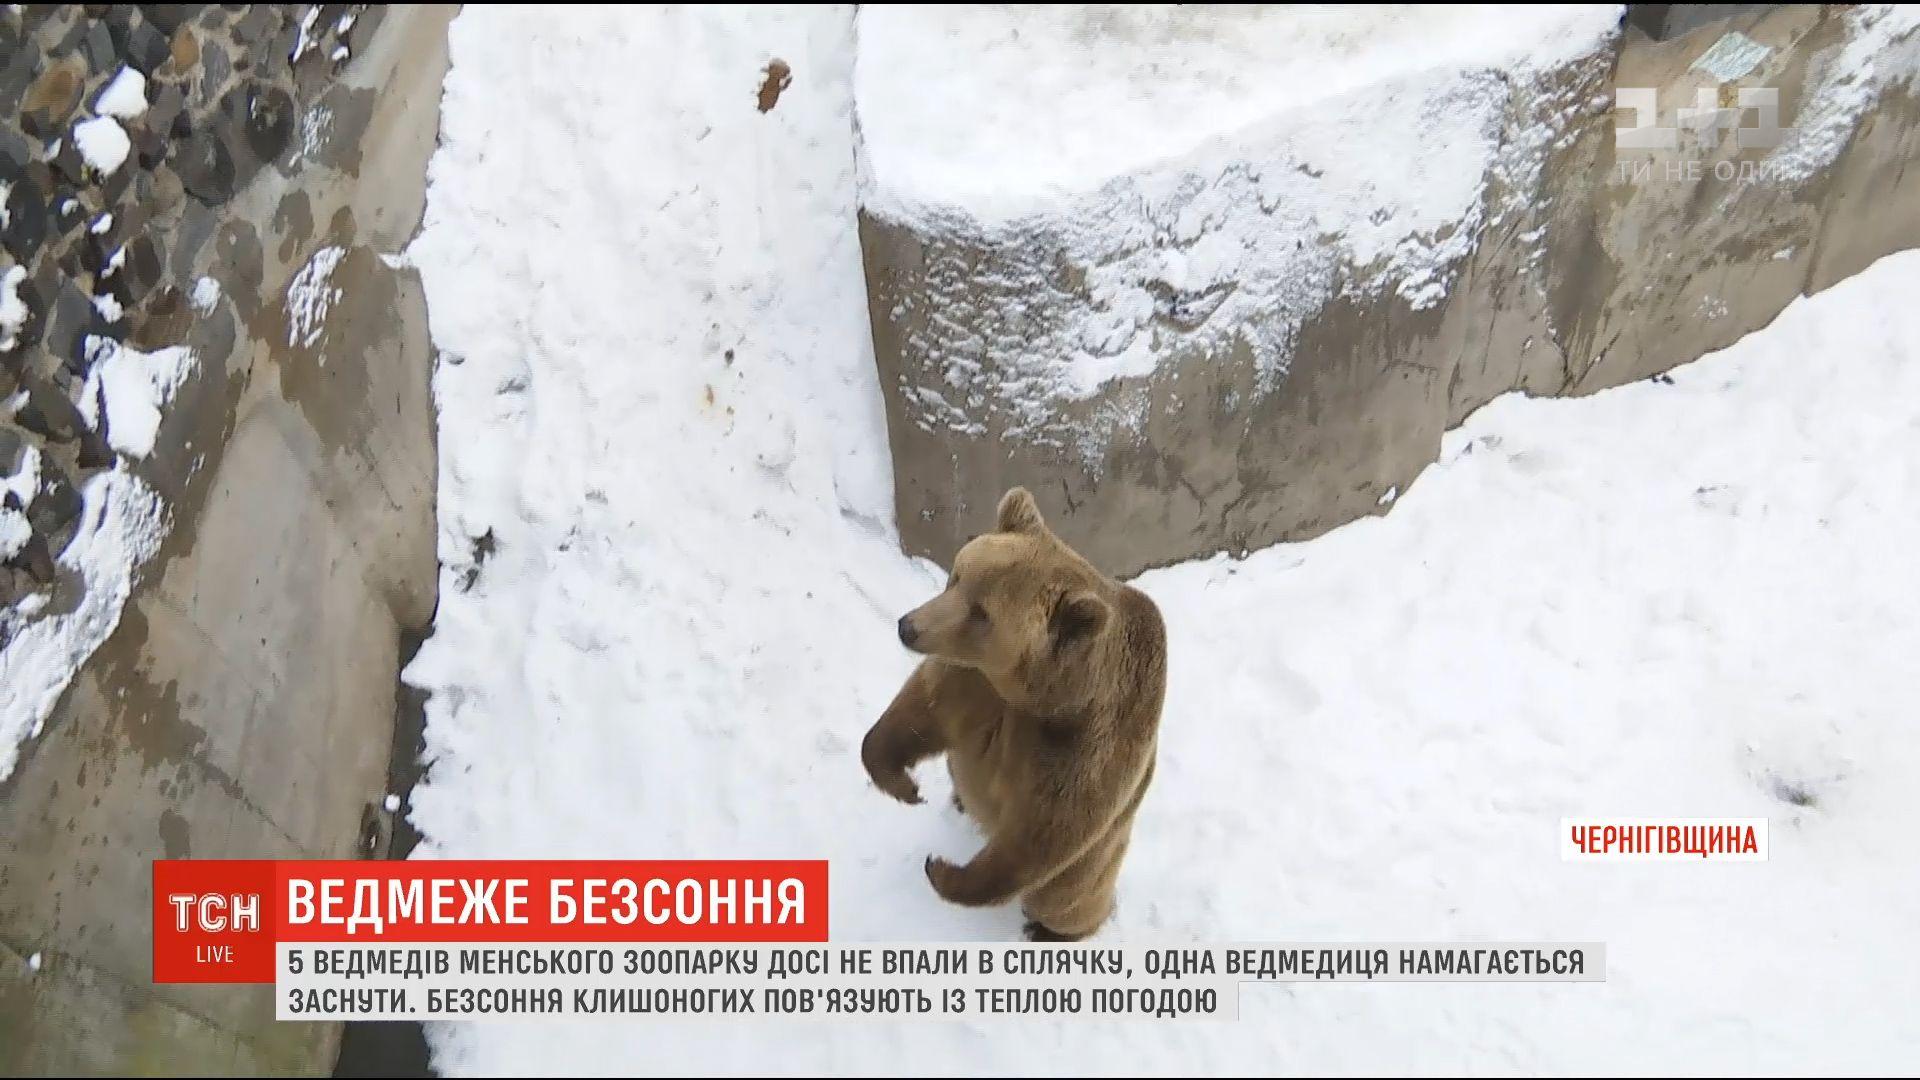 Когда медведи впадают в спячку, они не едяти не пьют / Скриншот